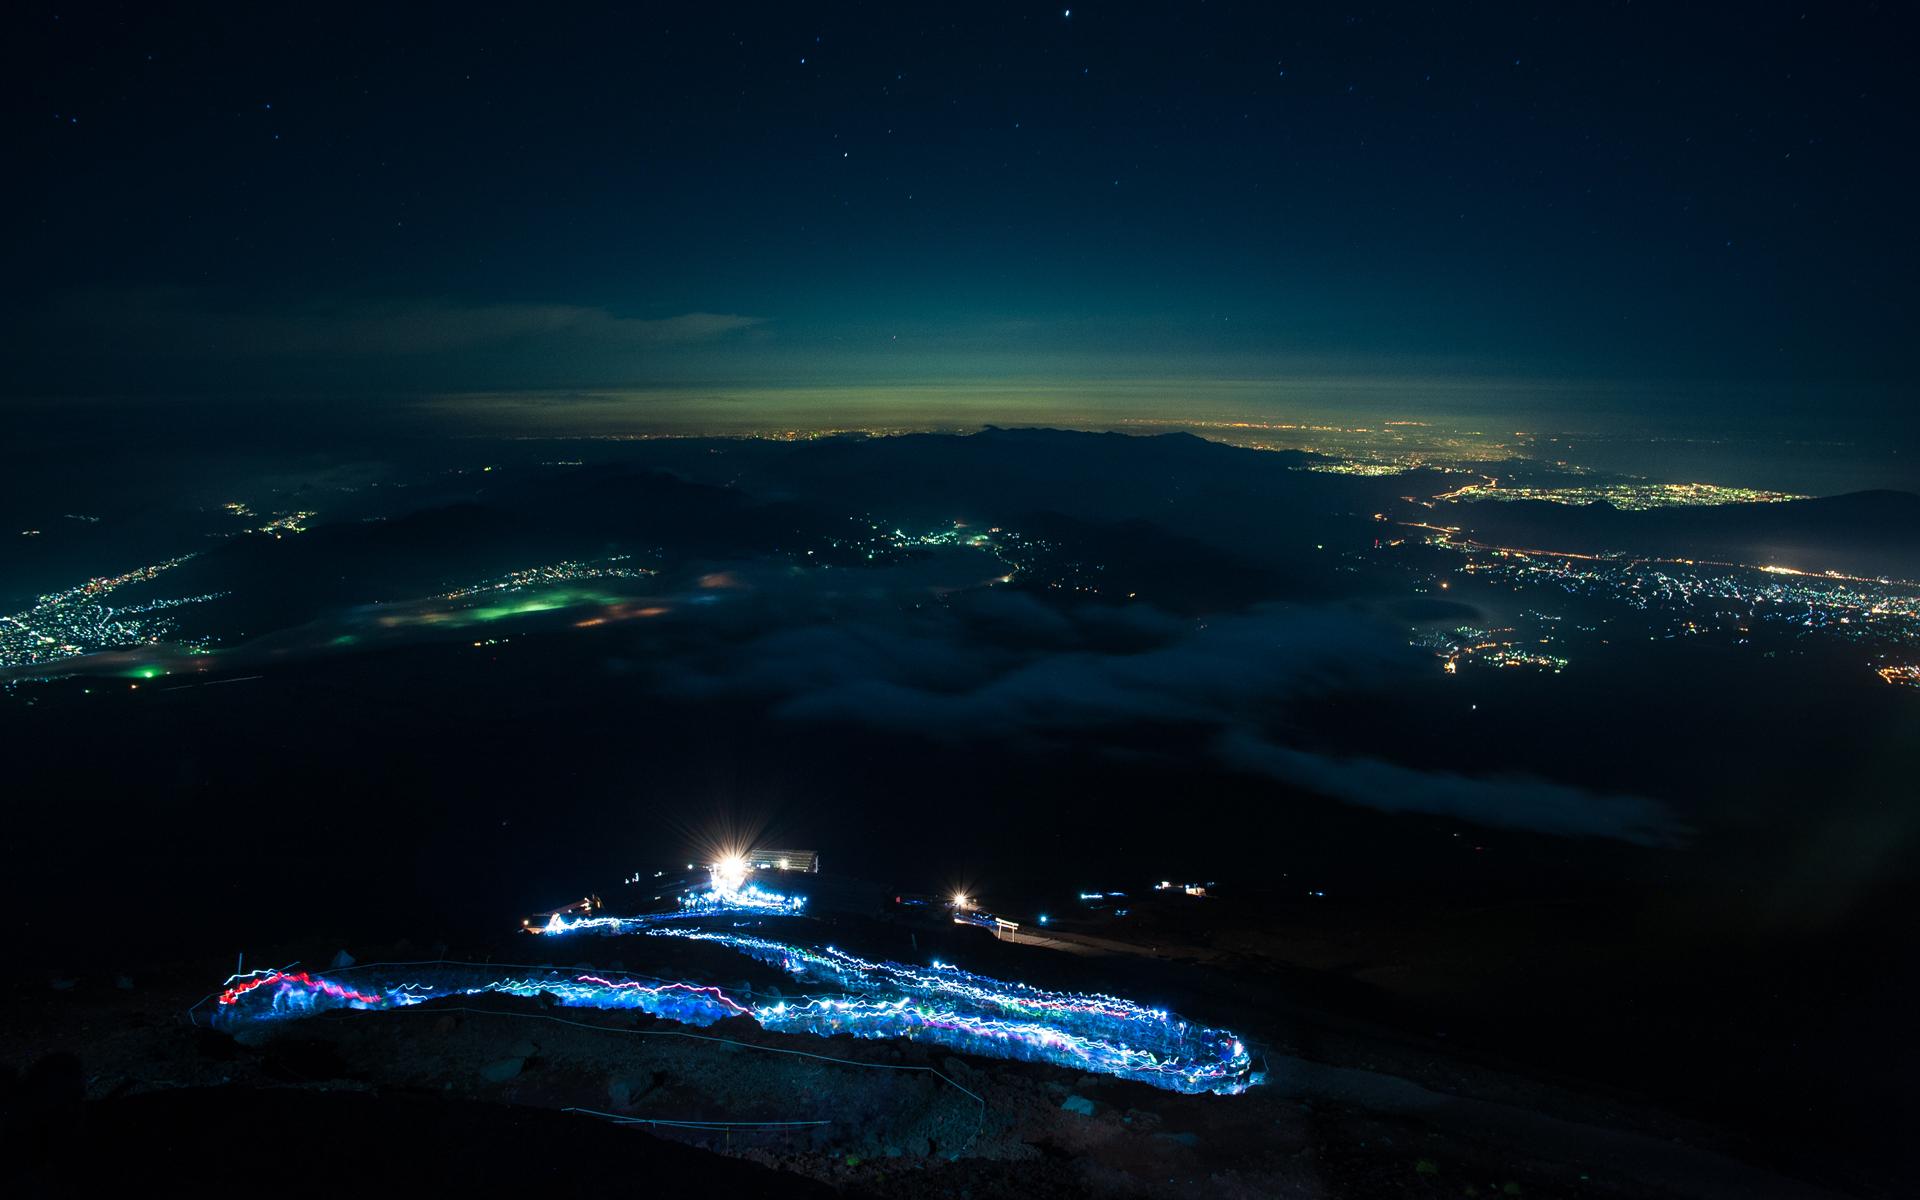 Night Climb by burningmonk